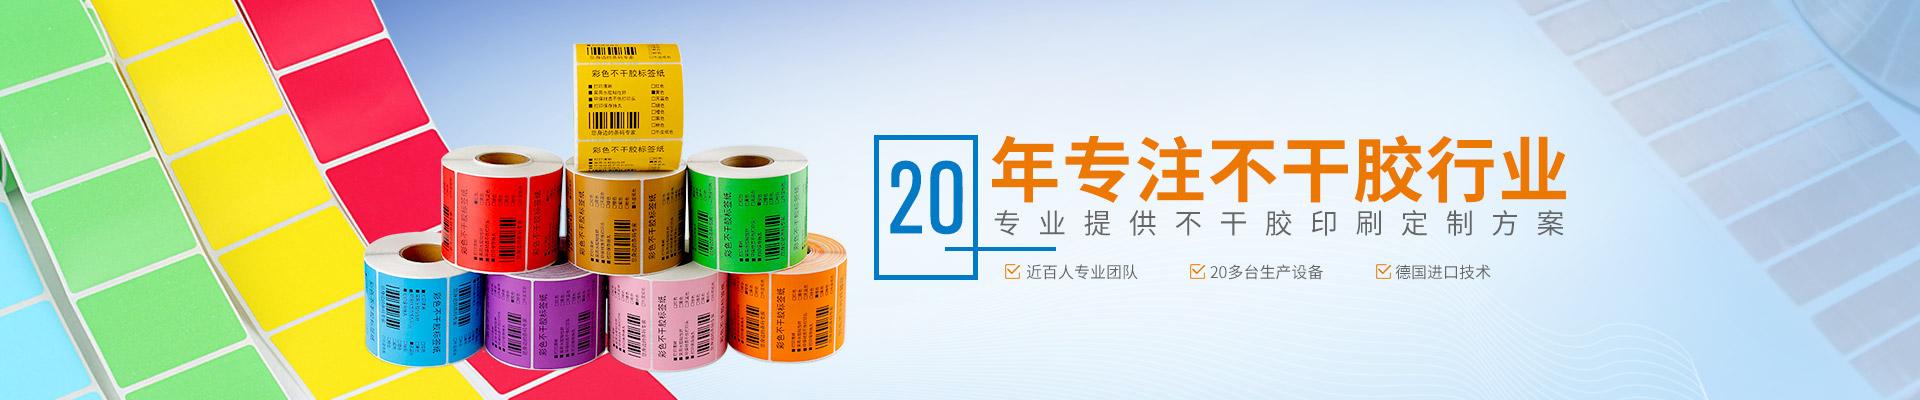 国塑20年专注不干胶行业 专业提供不干胶印刷定制方案